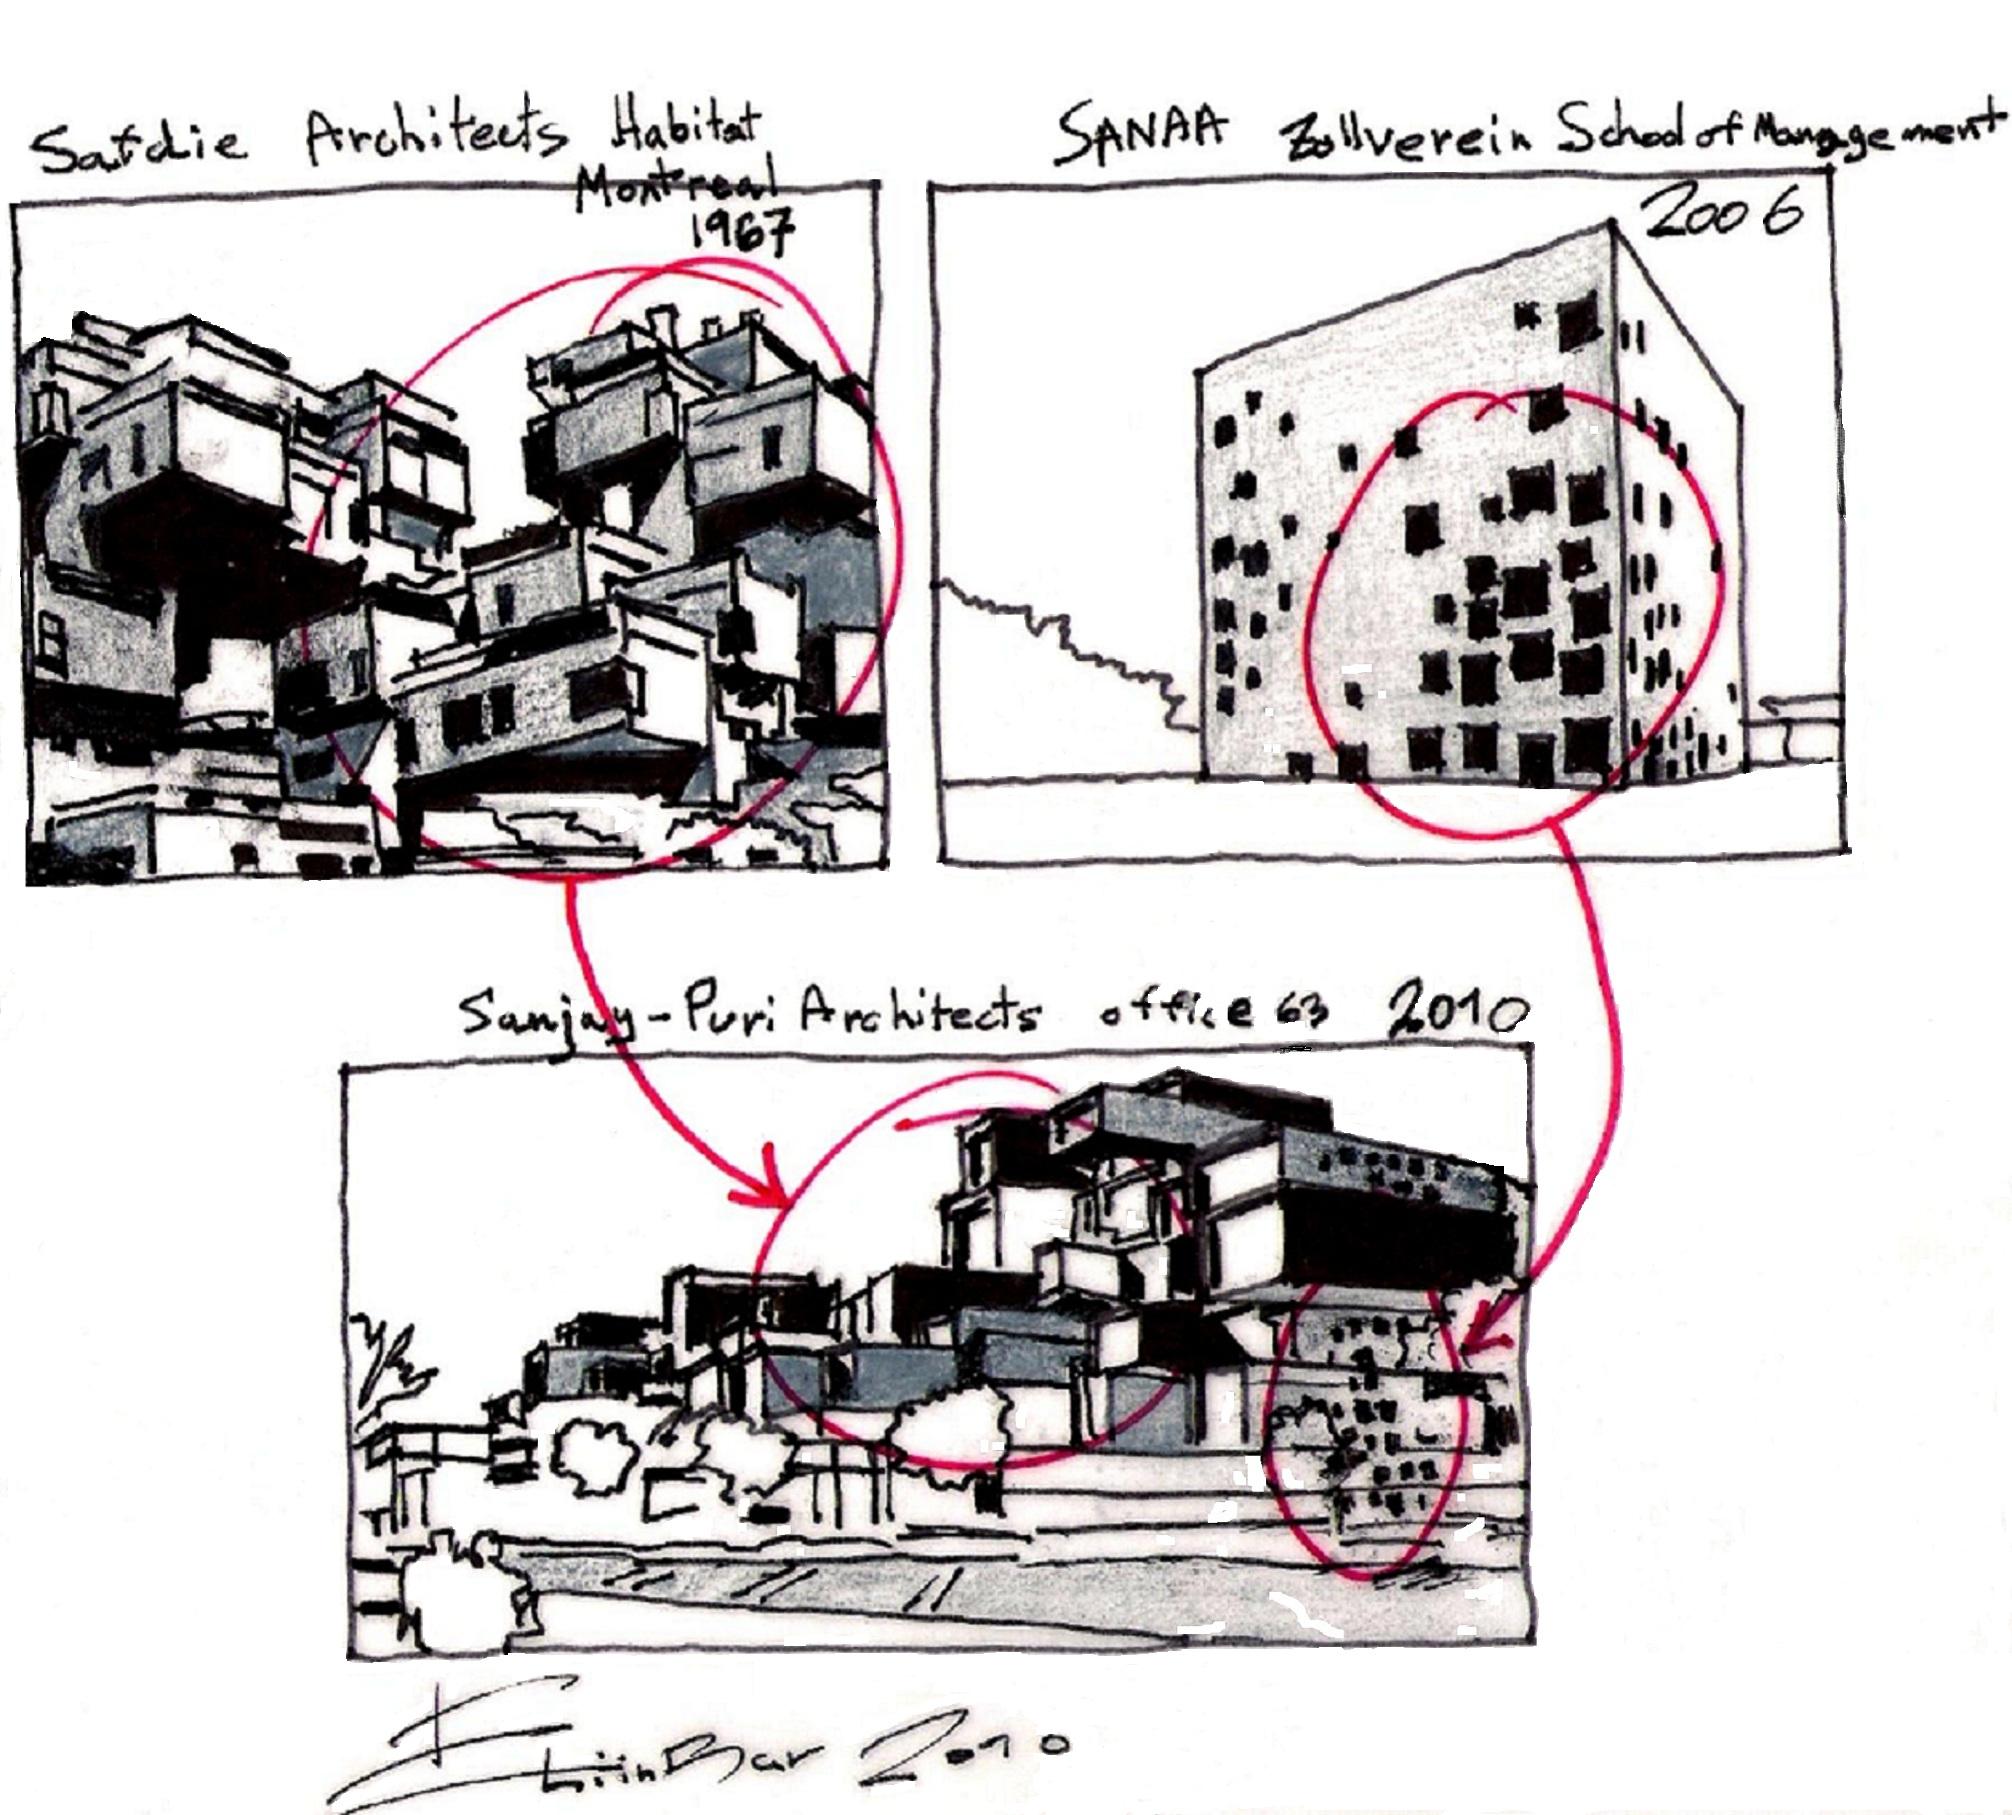 Puri Att Goldboy Sanaa: Someone Has Built It Before